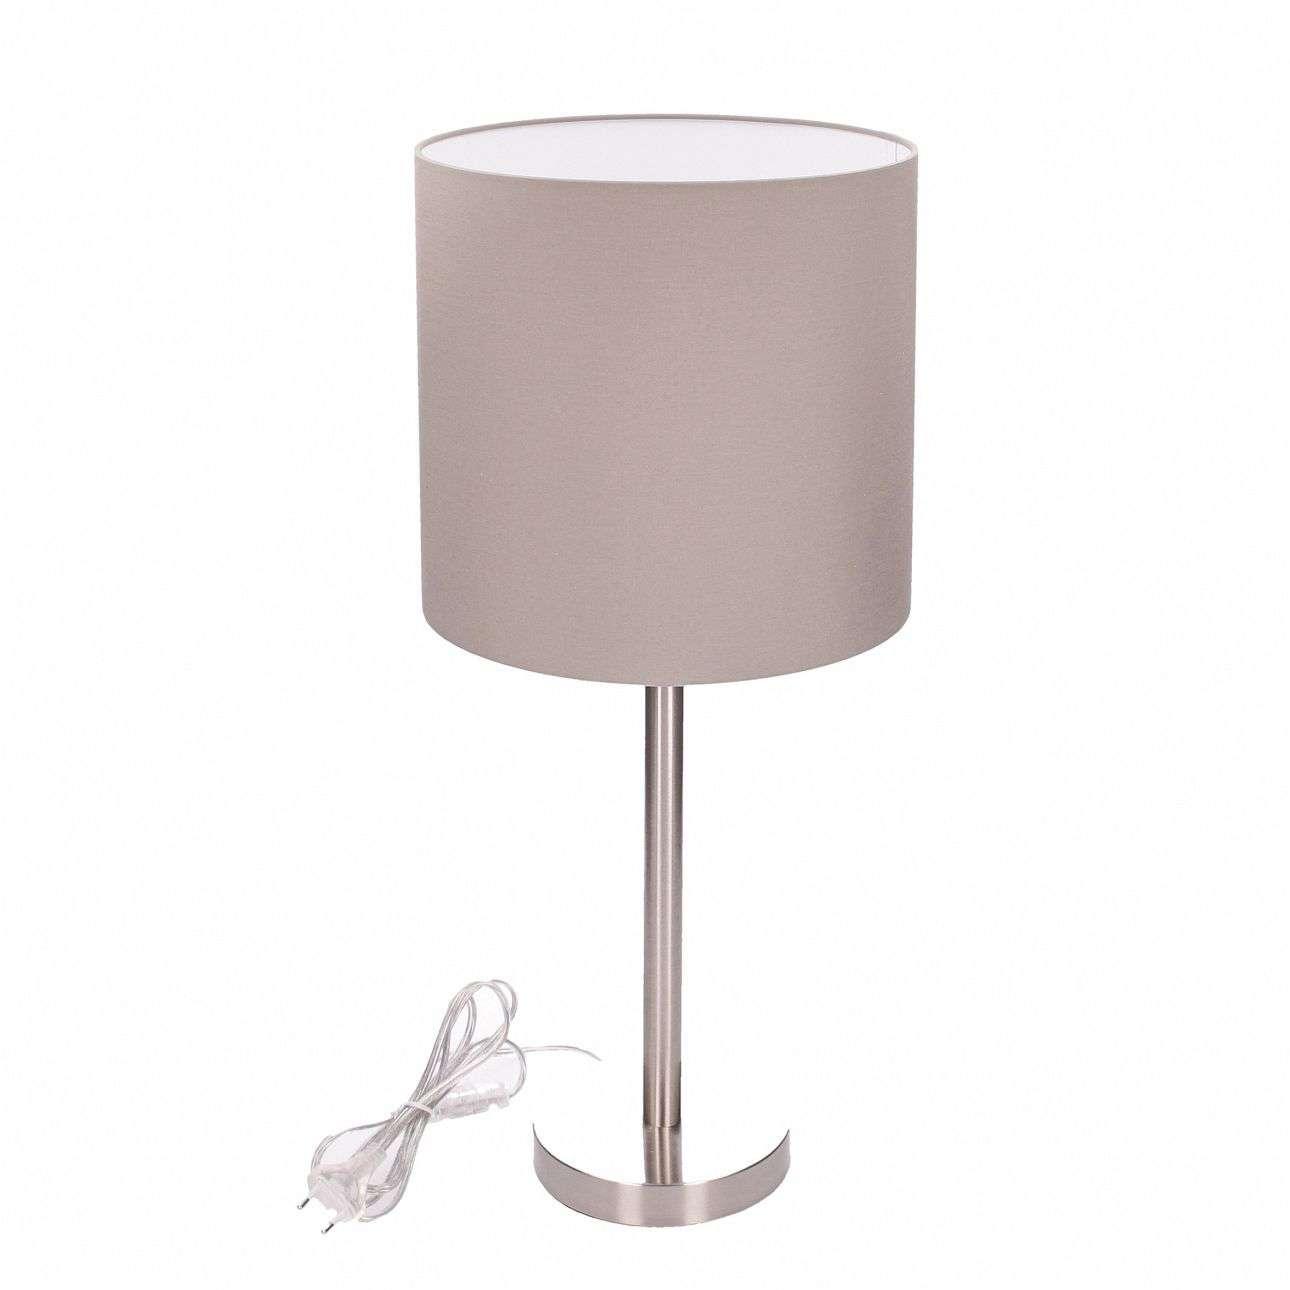 Lampa stołowa Washington wys. 59cm